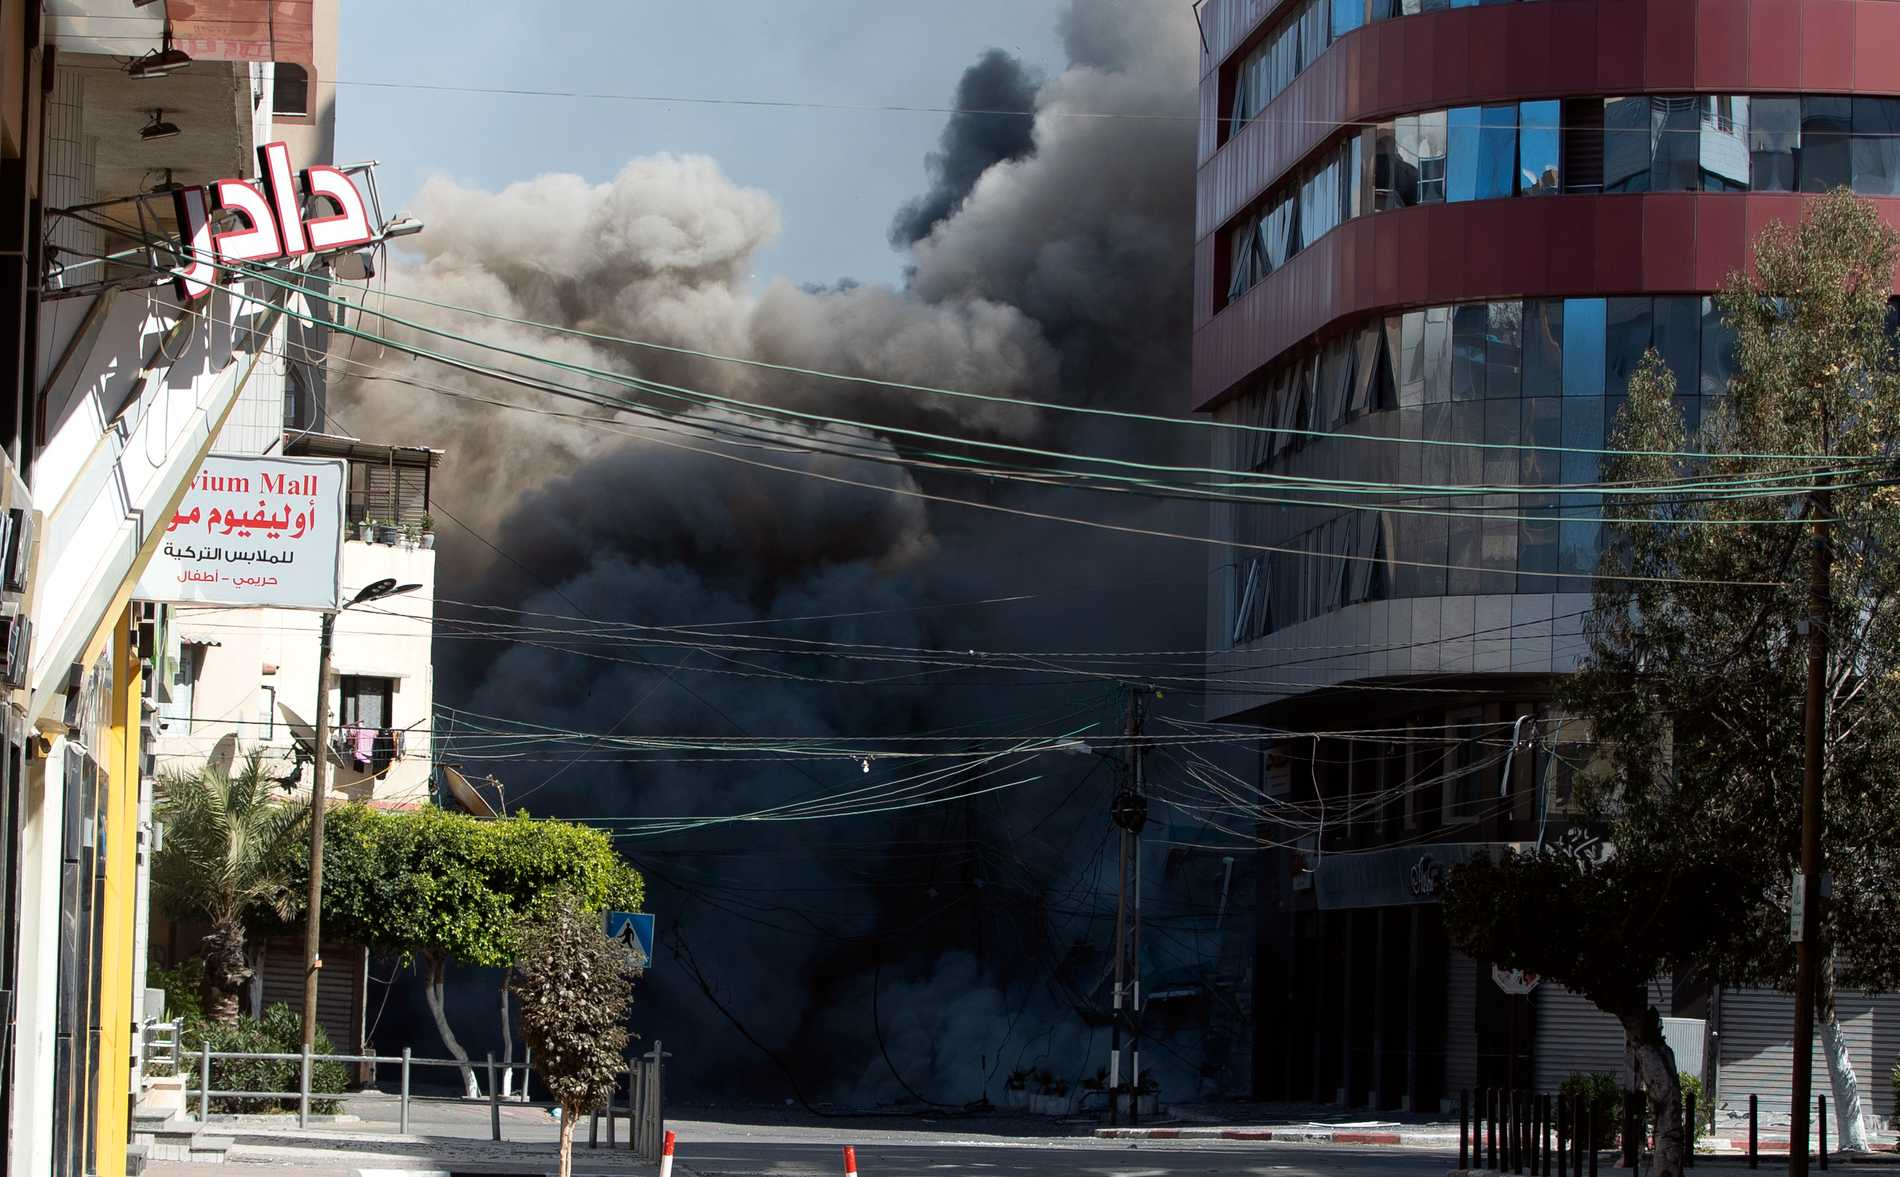 Israel fortsatt med flygattacker mot Gaza City under lördagen. Här träffas ett höghus som rymde flera internationella medieredaktioner, bland andra Associated Press och Al Jazeera. Det har inte kommit någon förklaring till varför byggnaden bombades.